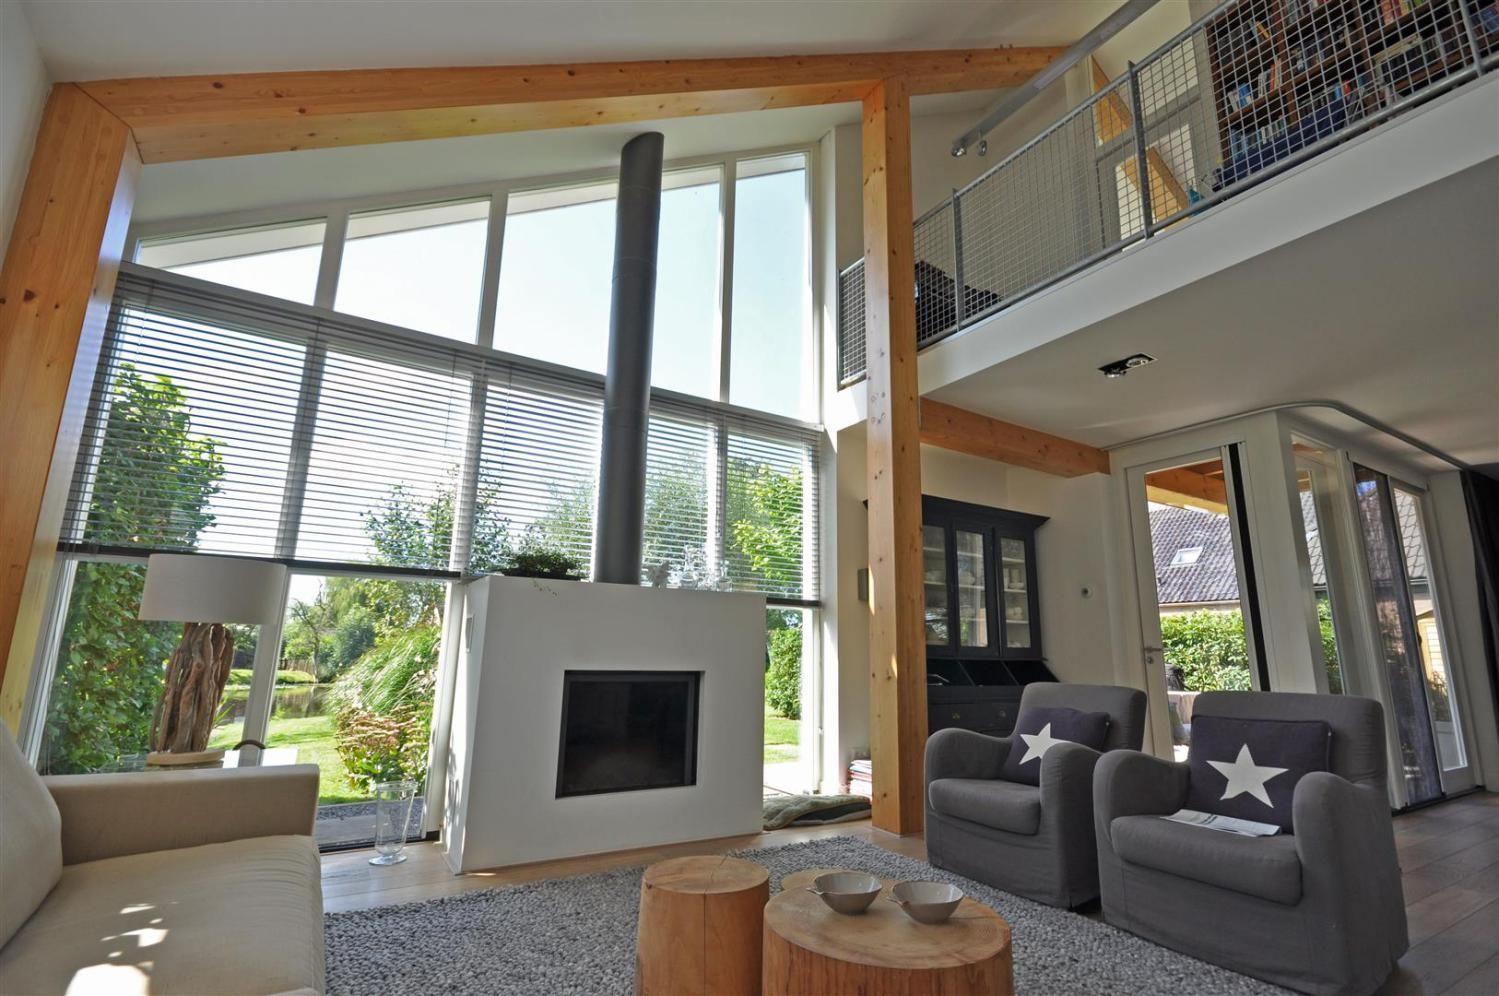 Interieur schuurwoning, met houten spanten, mooie vide, mooi ...